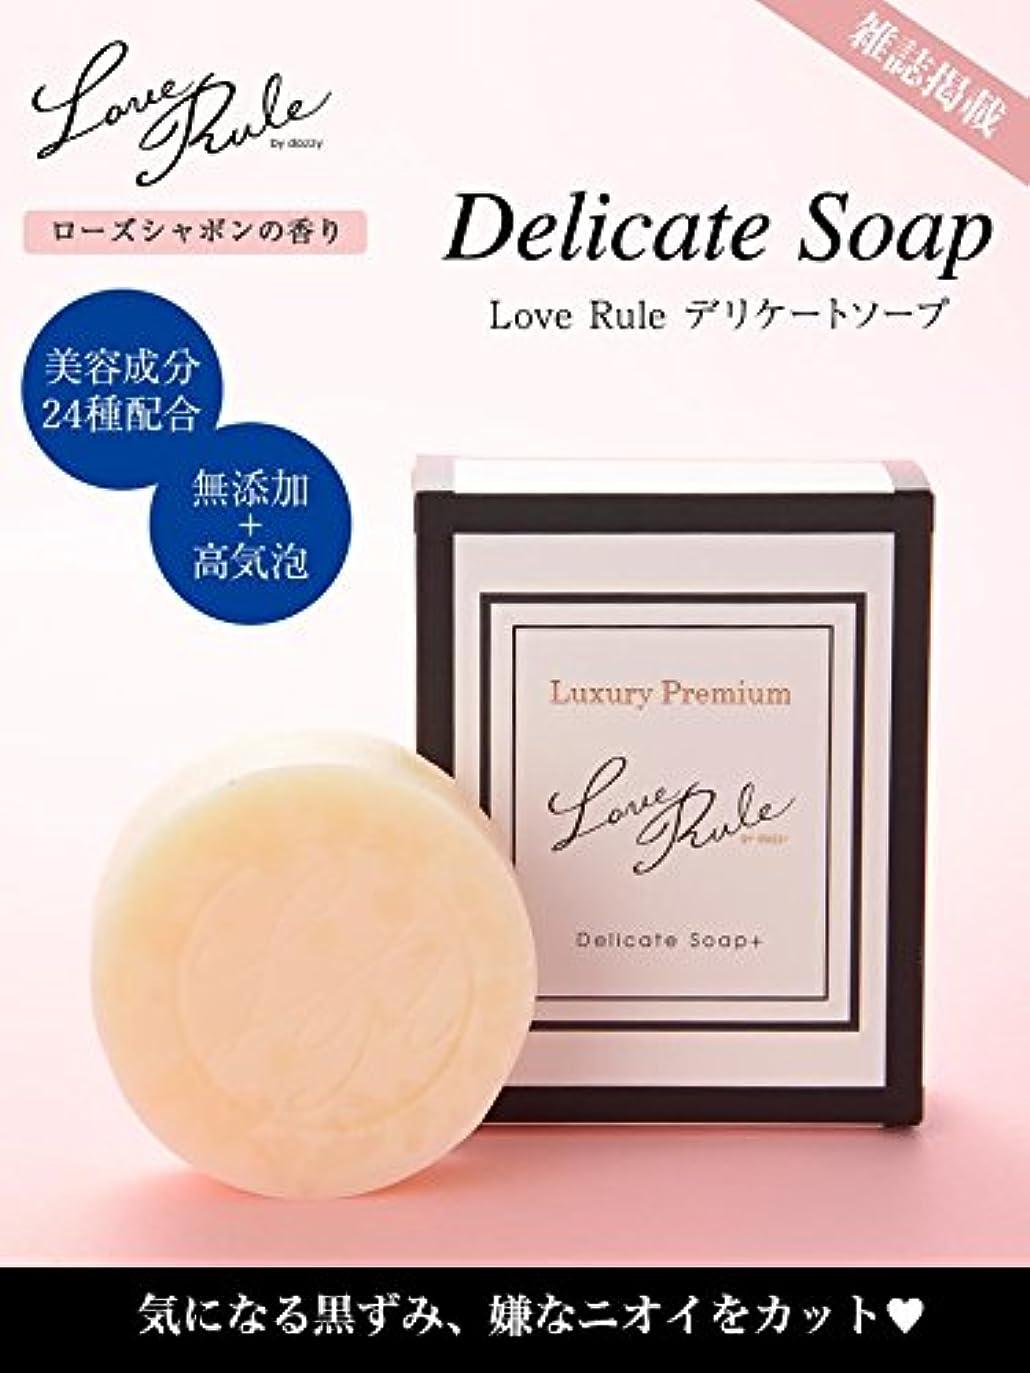 福祉徹底的に起きているLove Rule デリケートゾーン ソープ プラス 美容成分24種配合 石鹸